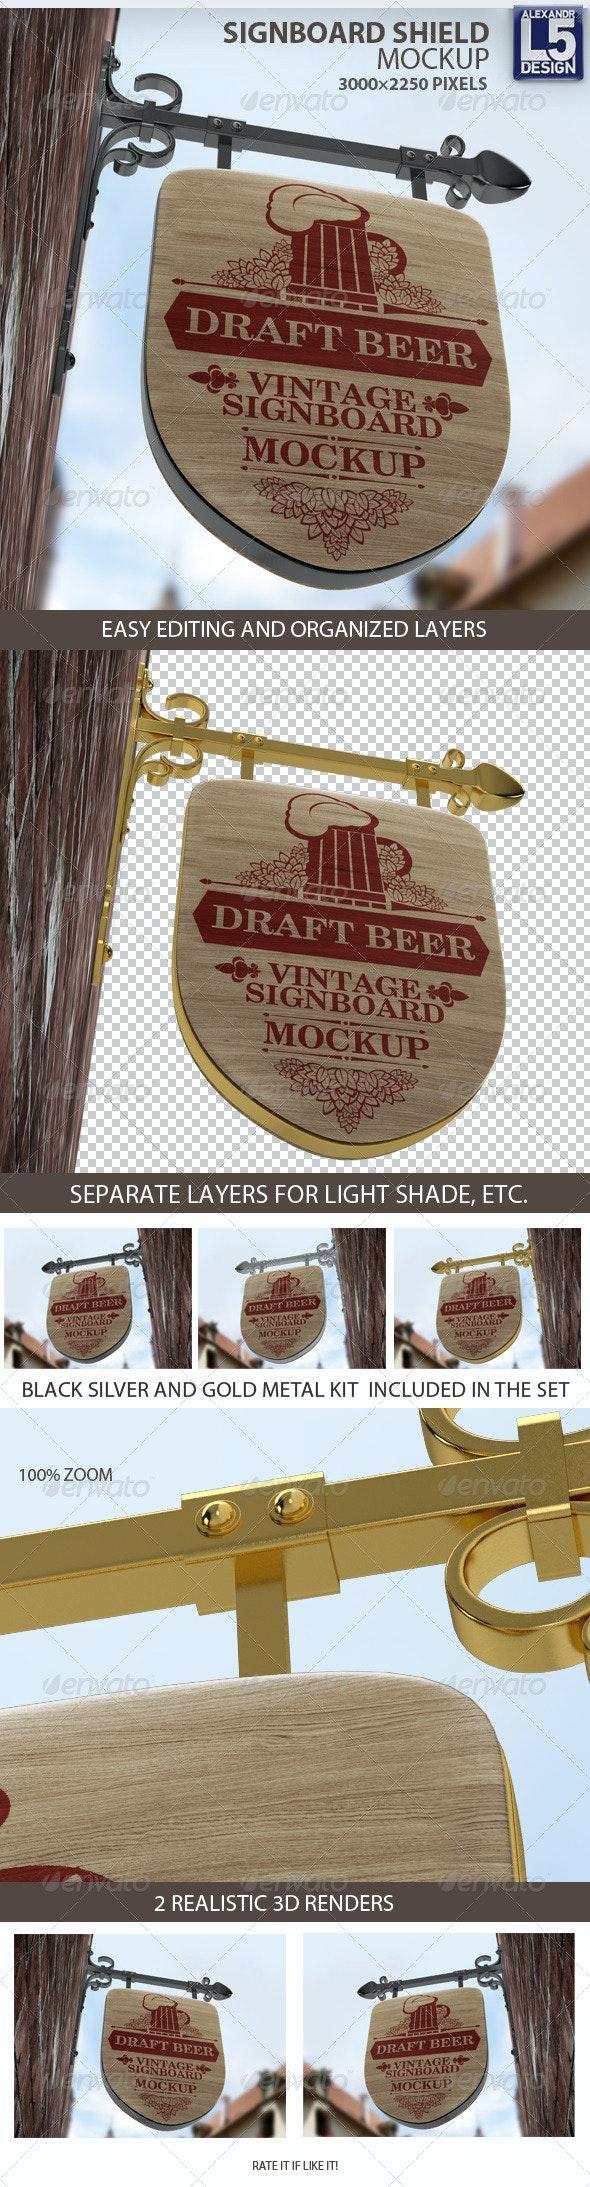 Vintage Signboard Shield Mock-Up - Product Mock-Ups Graphics